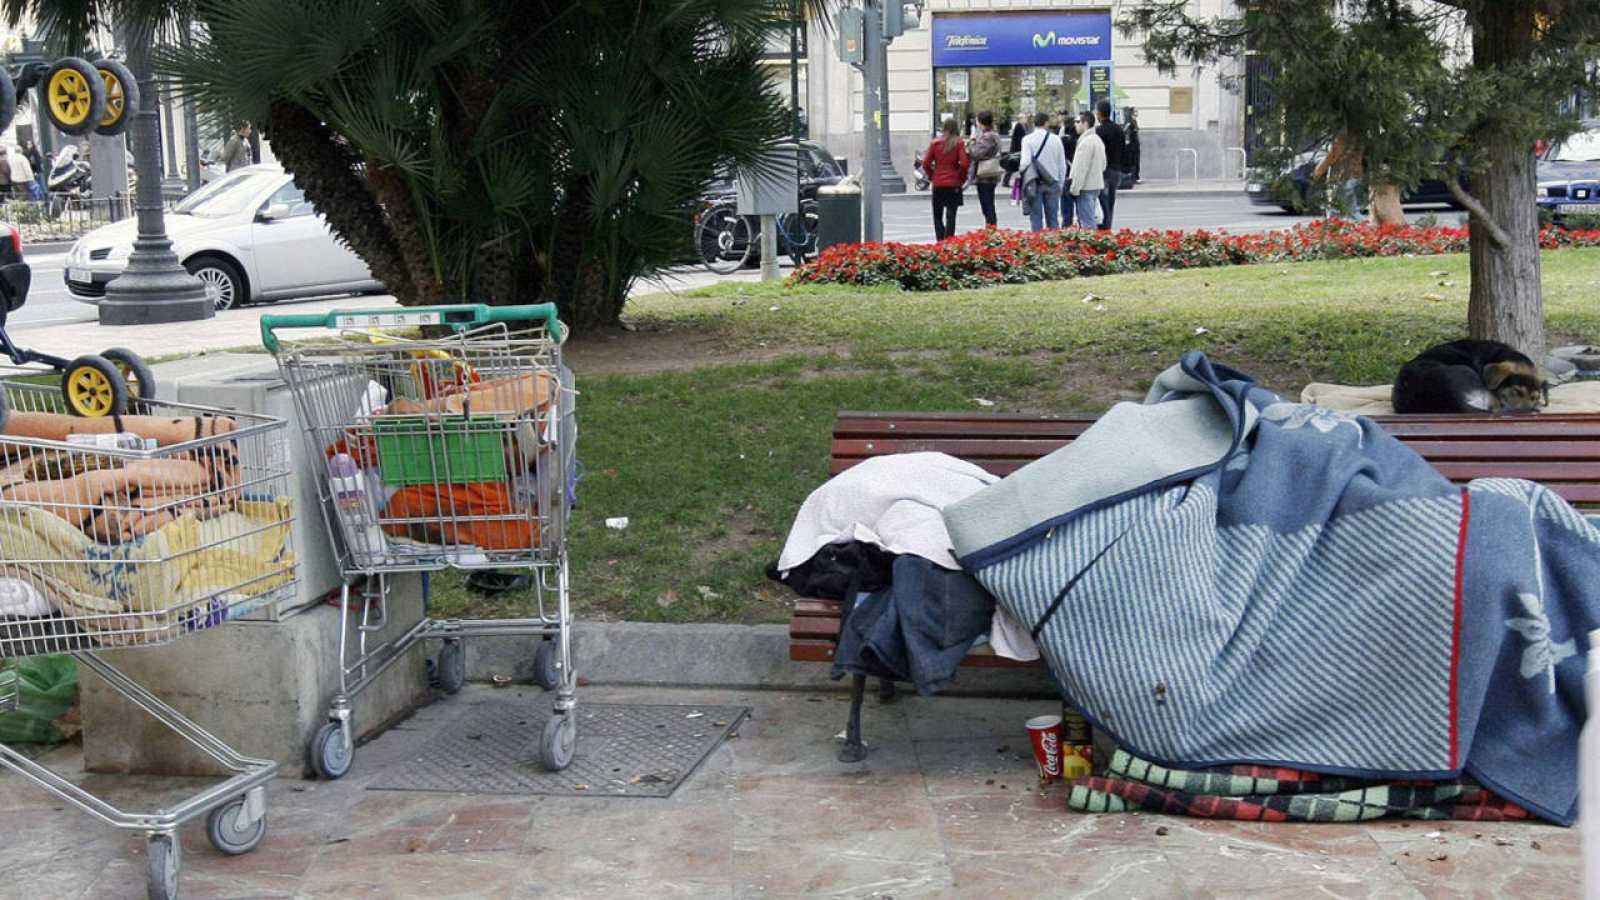 El 26,2% de los españoles que viven en ciudades está en riesgo de pobreza, según Eurostat